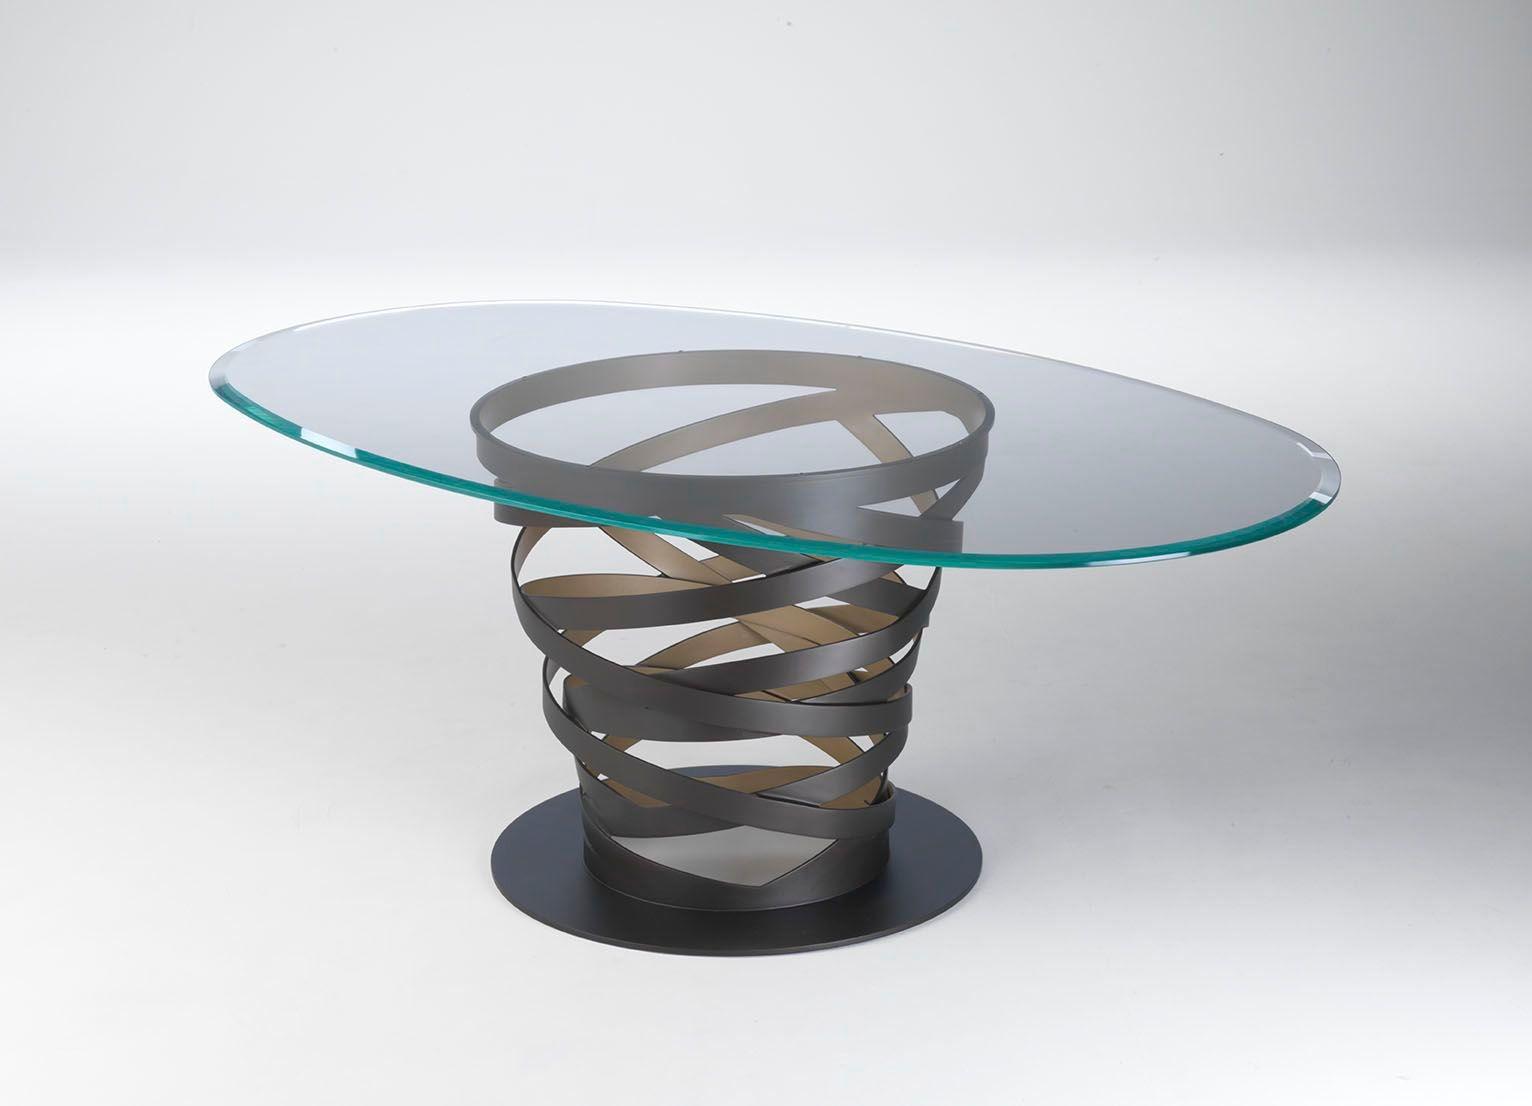 Tavolo ovale in acciaio e vetro twist gold by paolo - Tavolo ovale vetro ...